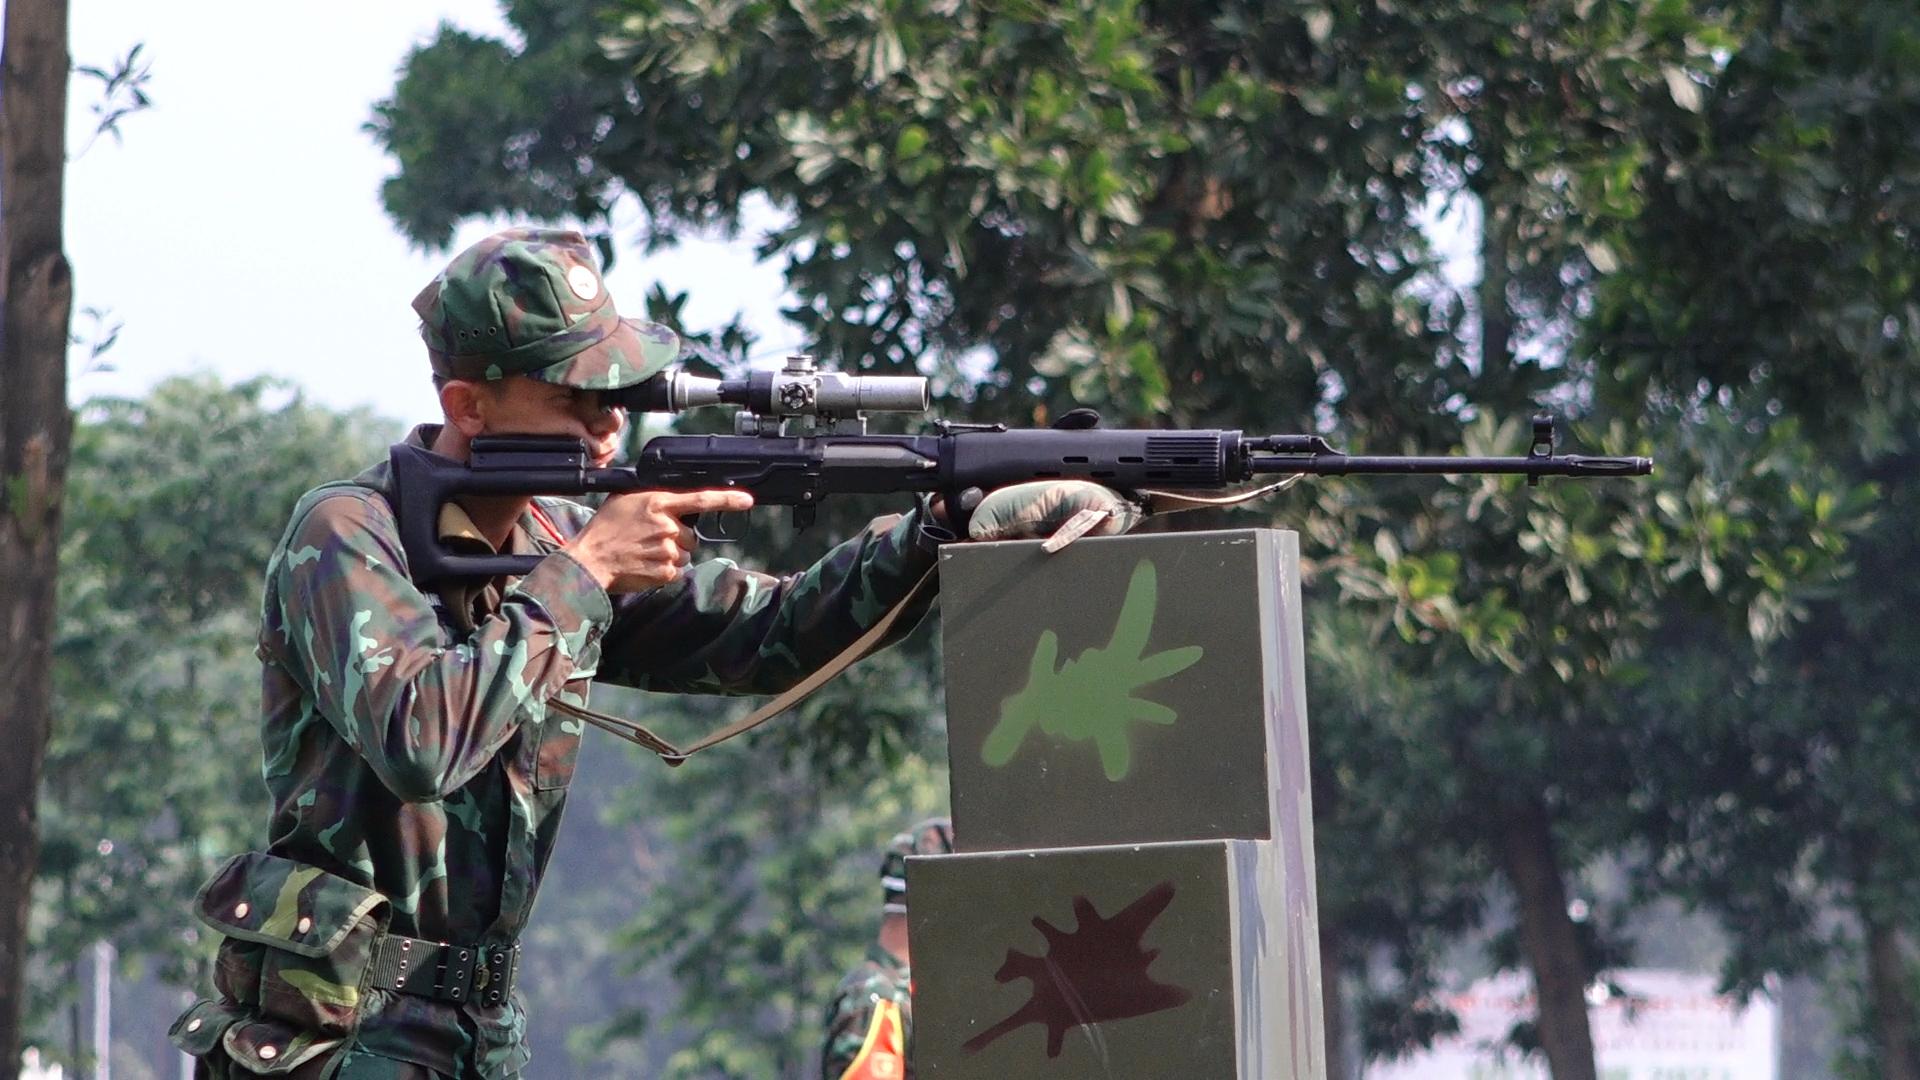 Tuyển thủ Army Games thi bắn tỉa, cứu nạn cứu hộ